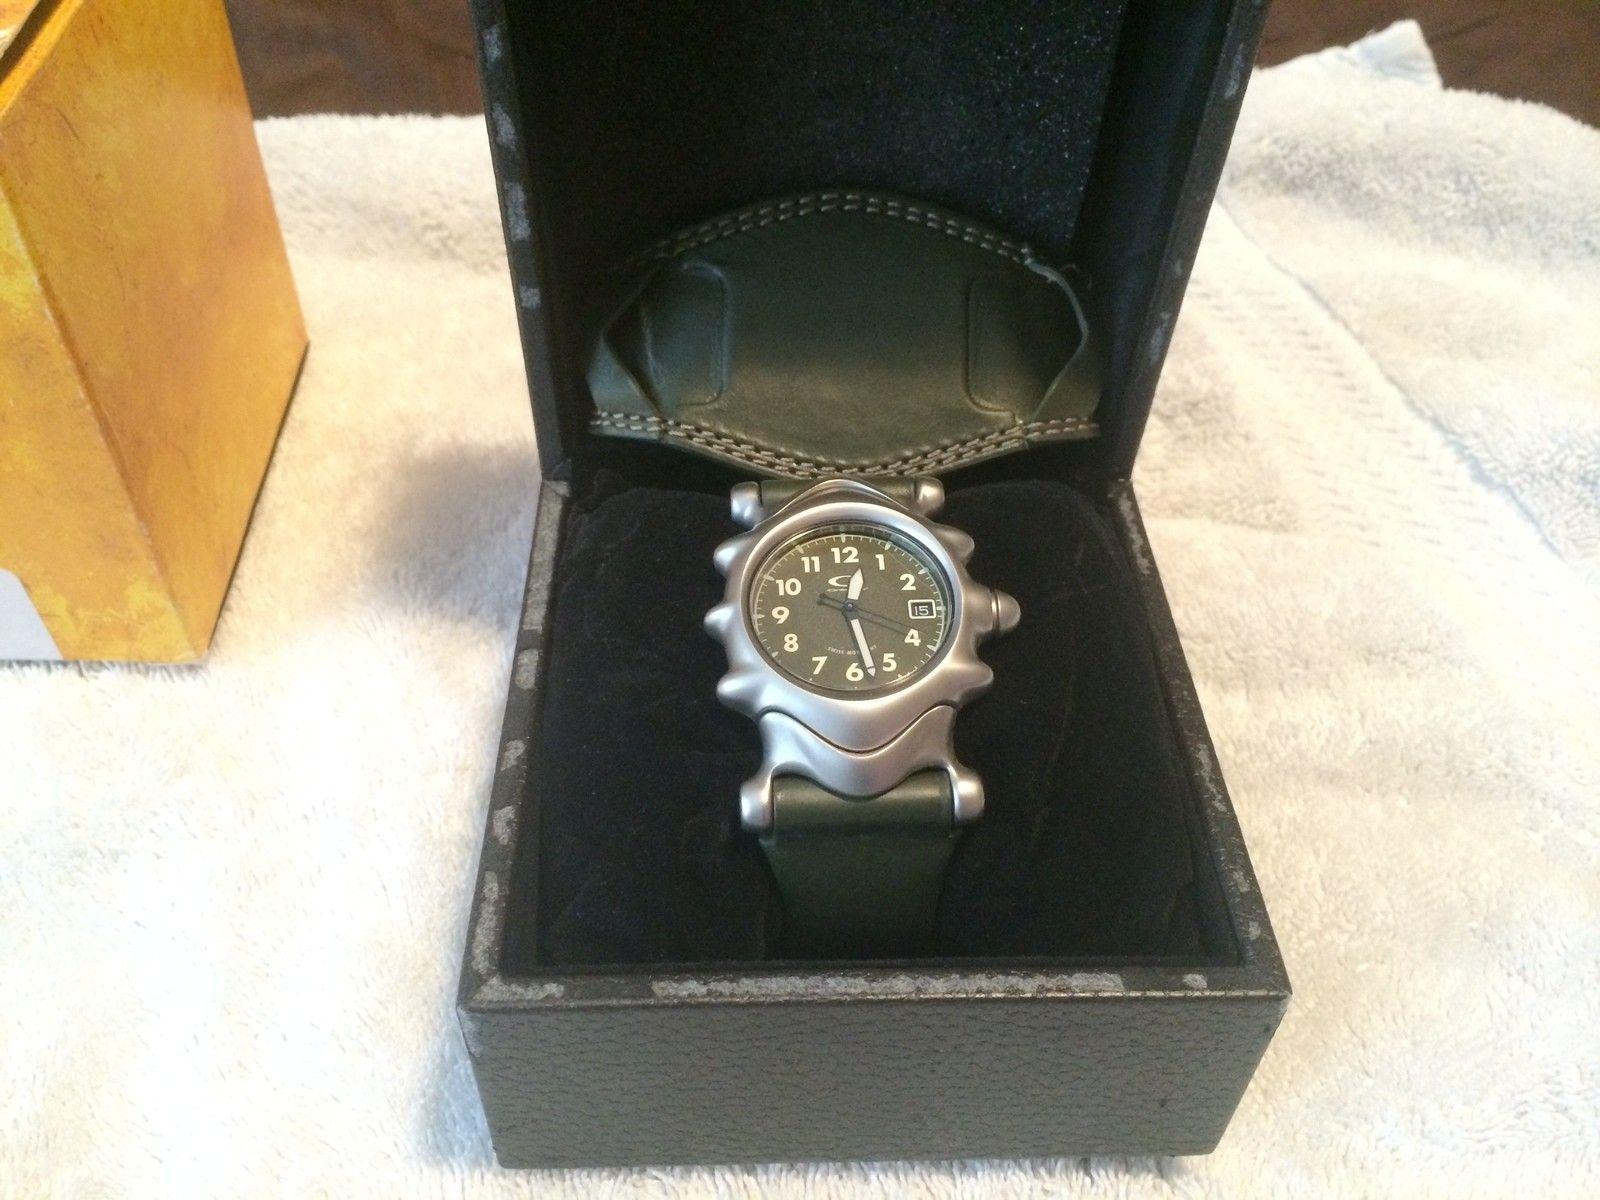 Olive Saddleback Watch BNIB - IMG_4640.JPG